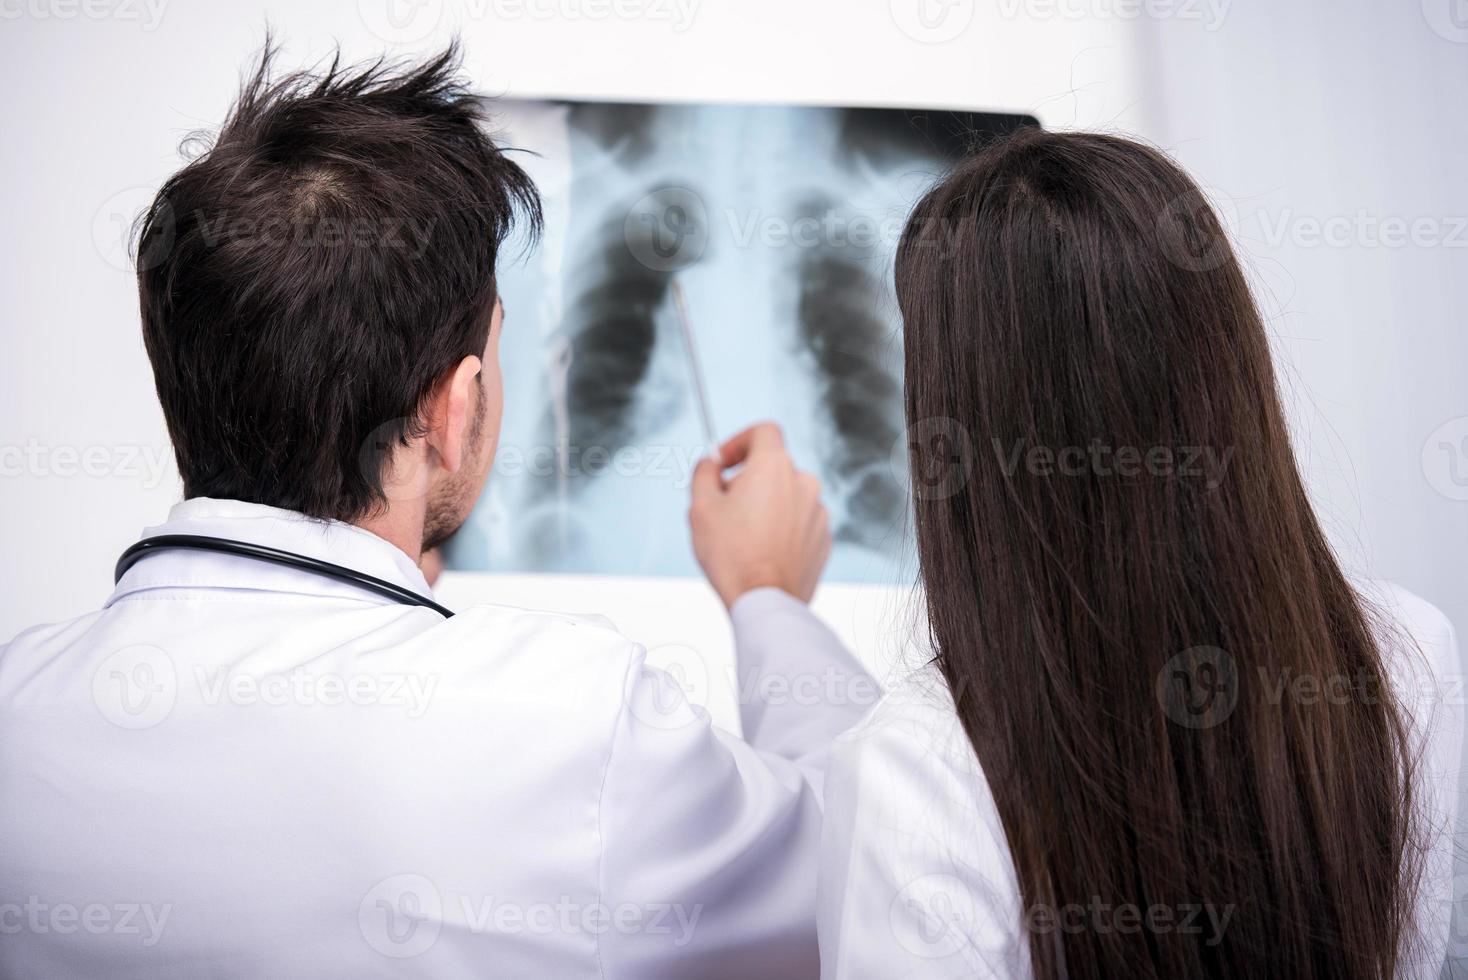 médical photo